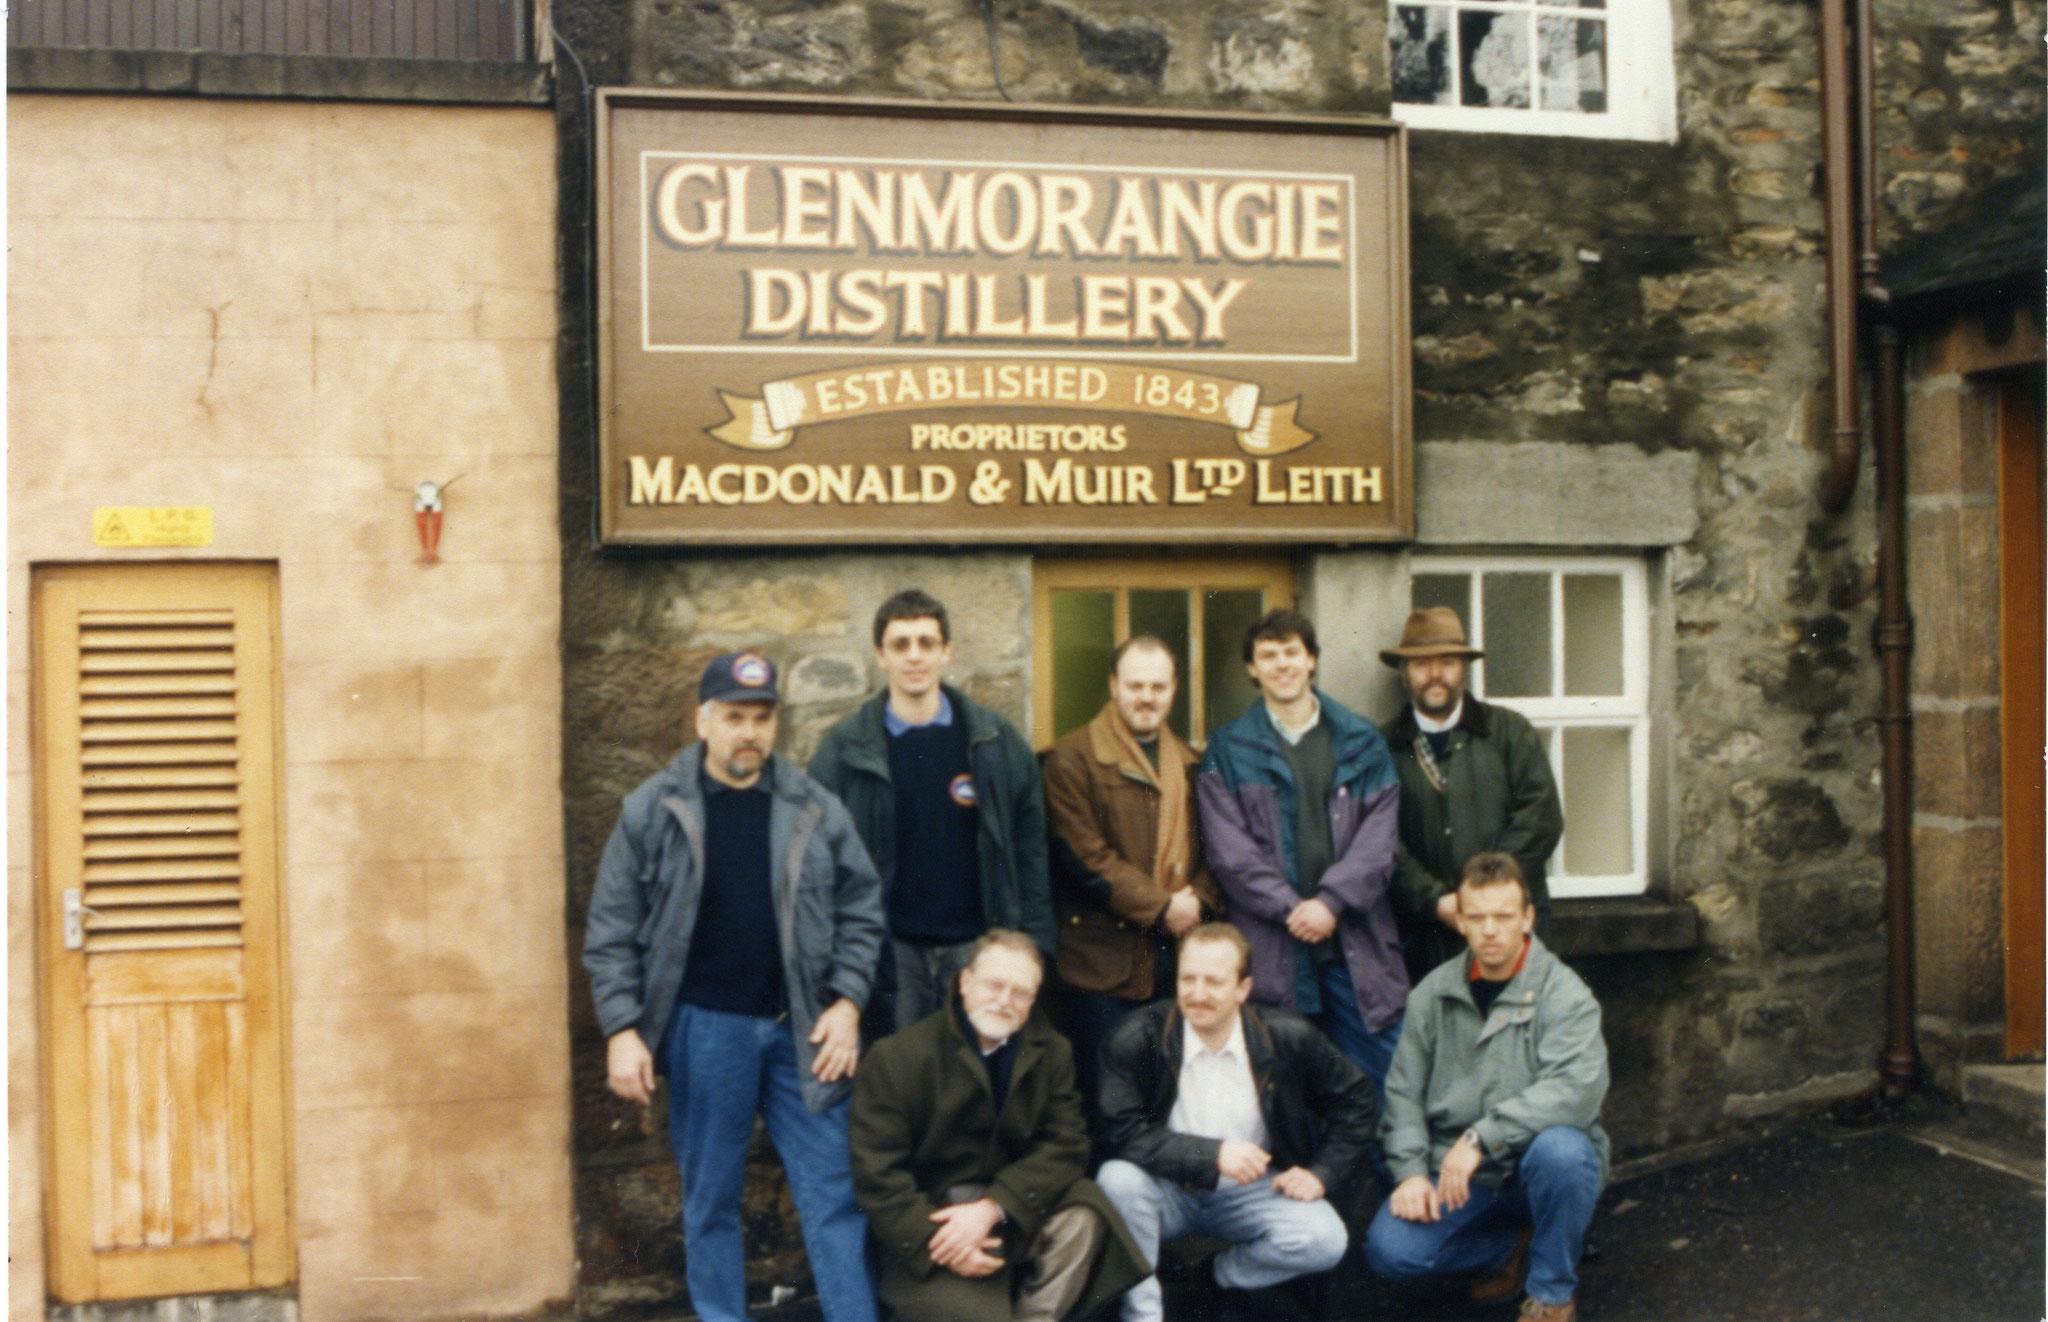 Besuch bei Andrew Taylor in der Glenmorangie Distillery